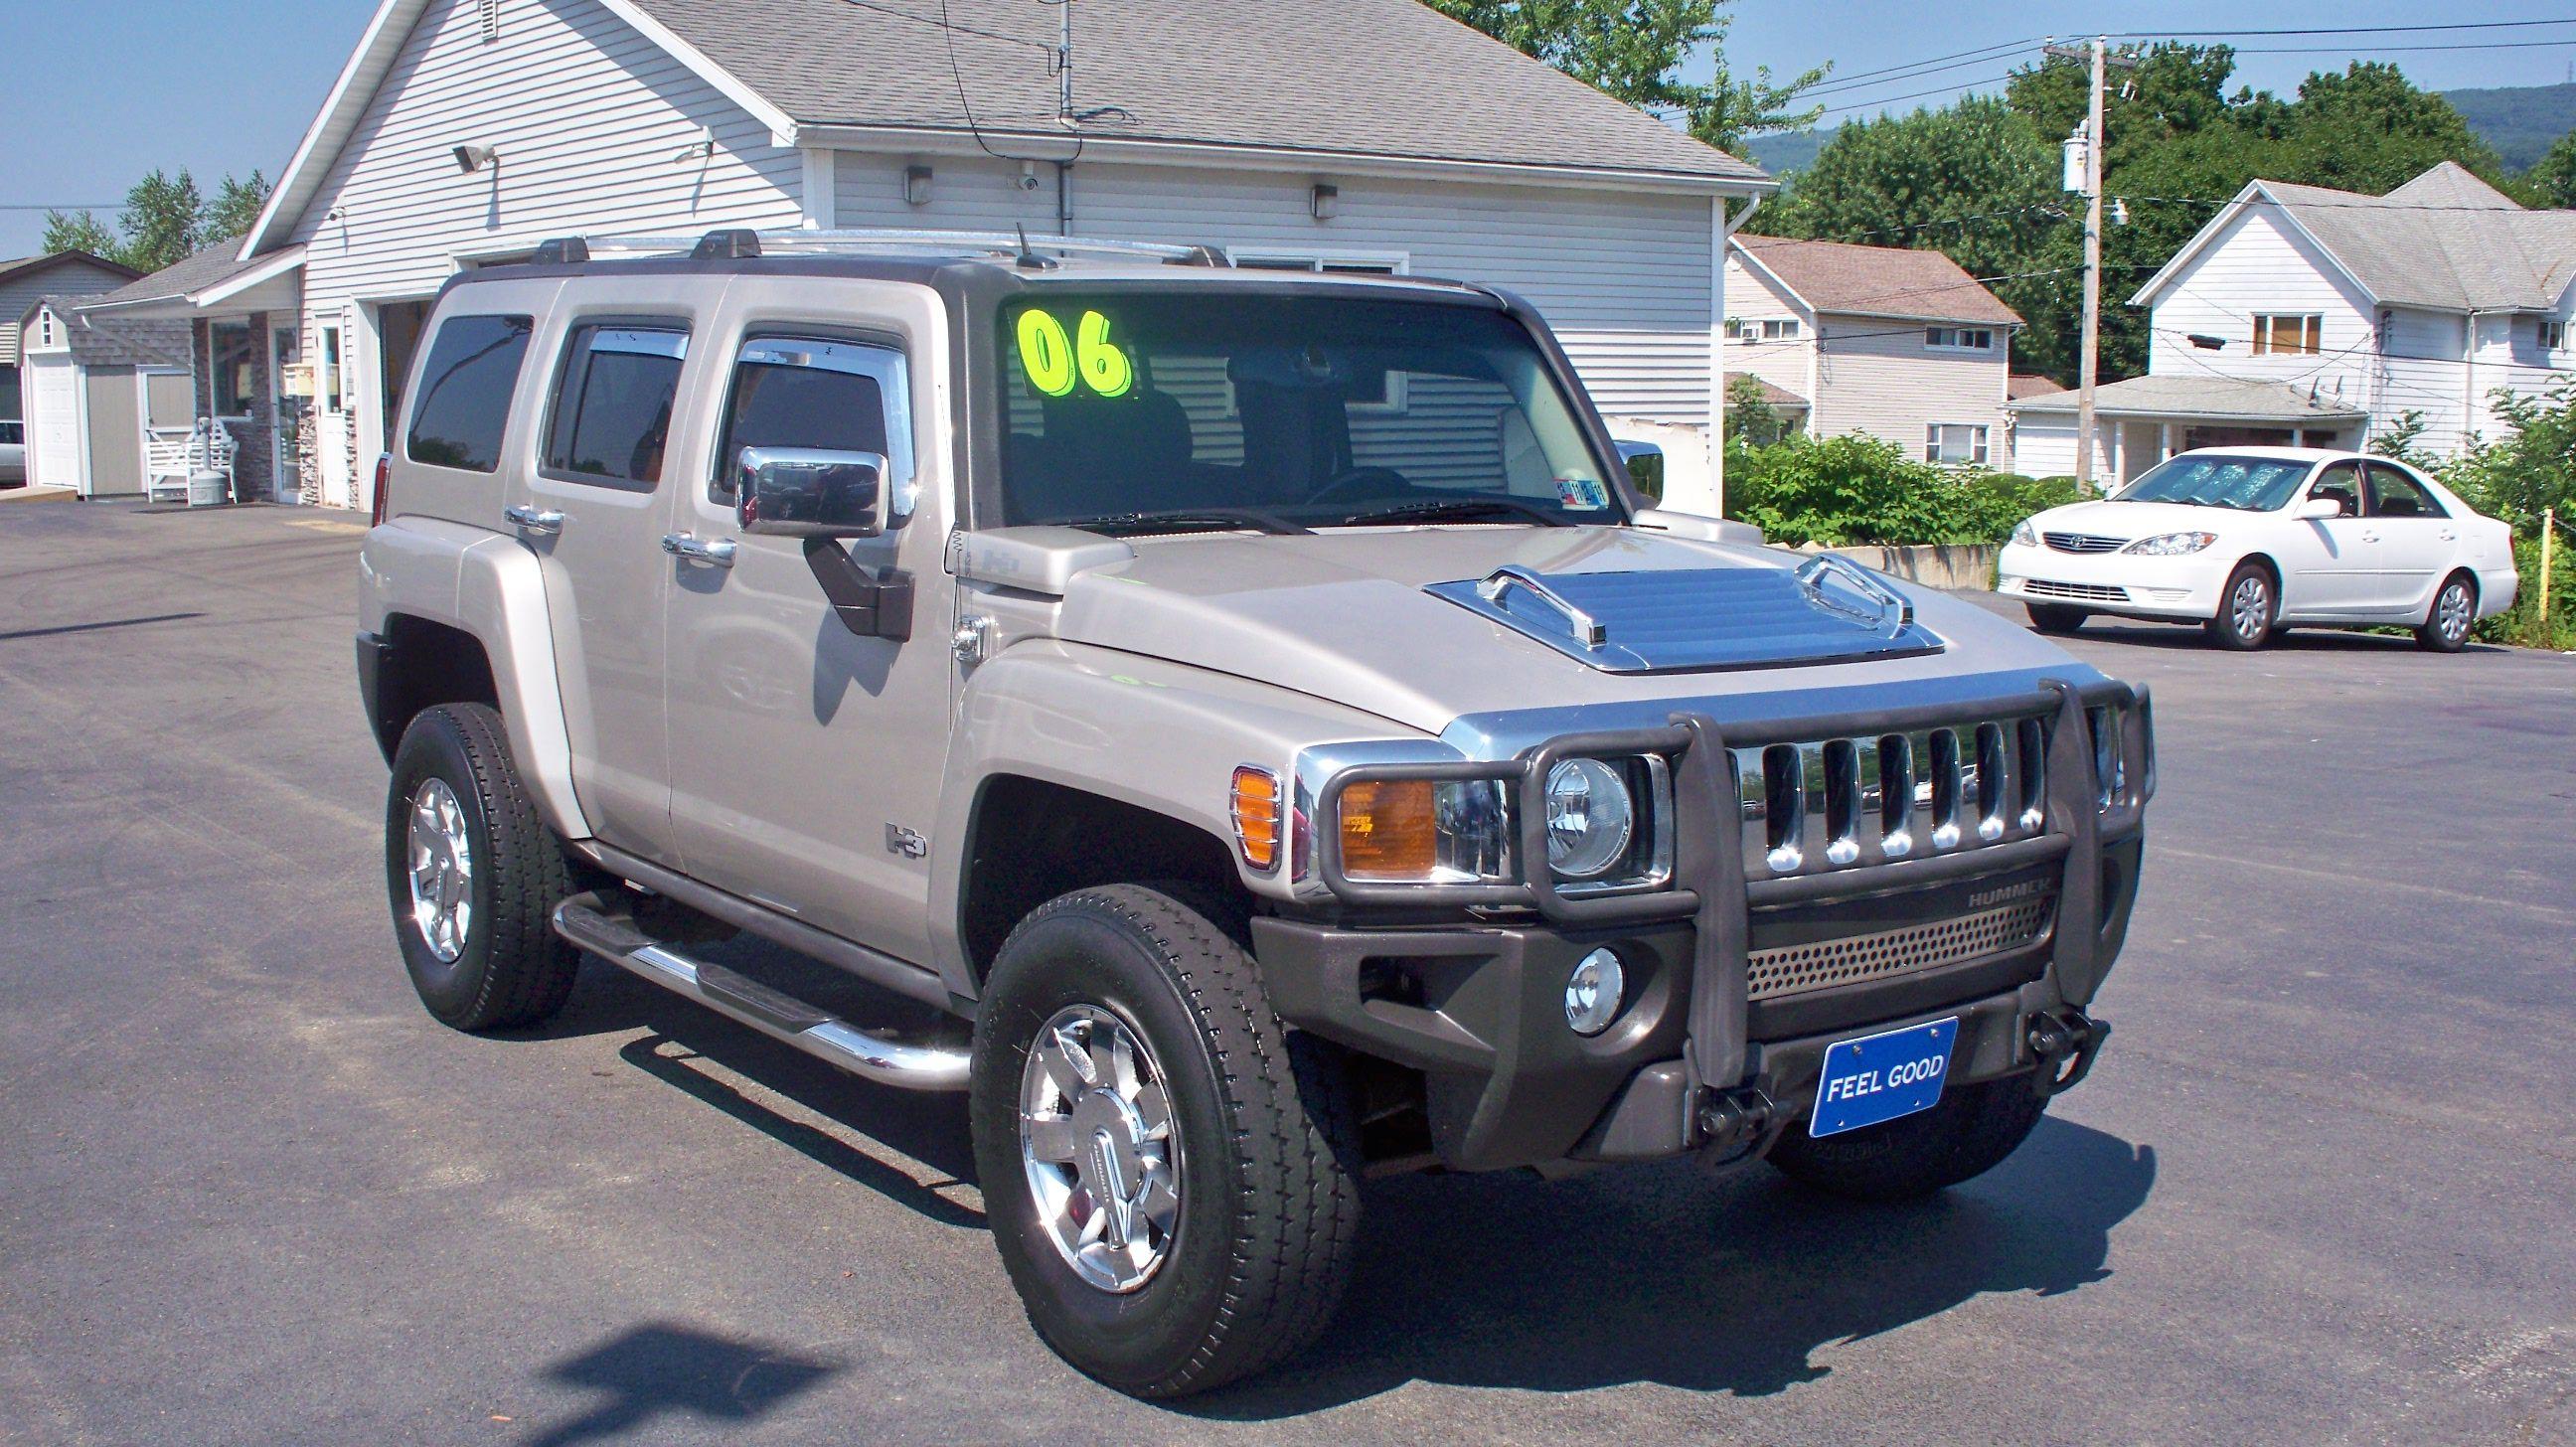 06 Hummer H3